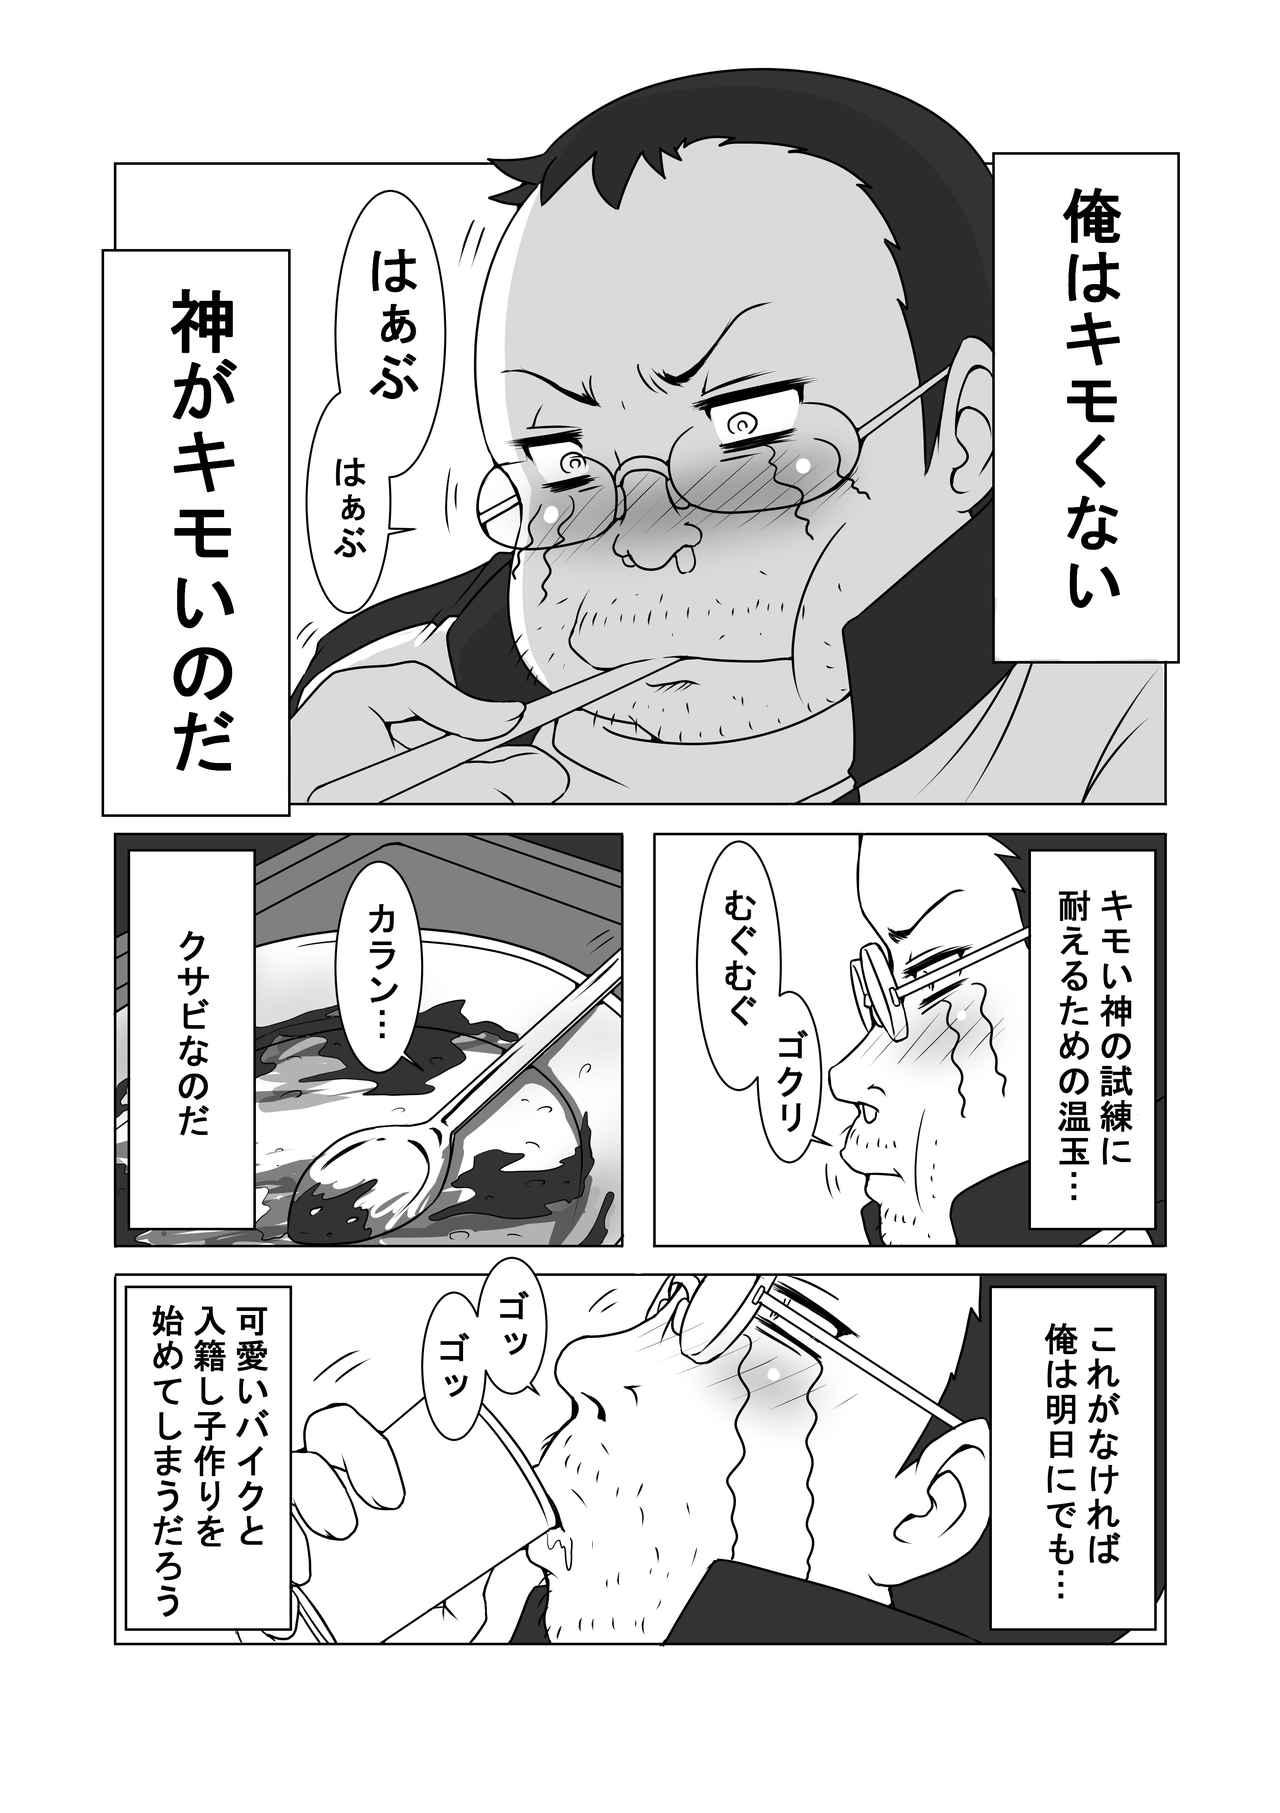 画像3: 『バイク擬人化菌書』連載:モテ期!?(第2話 オッサン・ミーツ・ガール!?) 作:鈴木秀吉